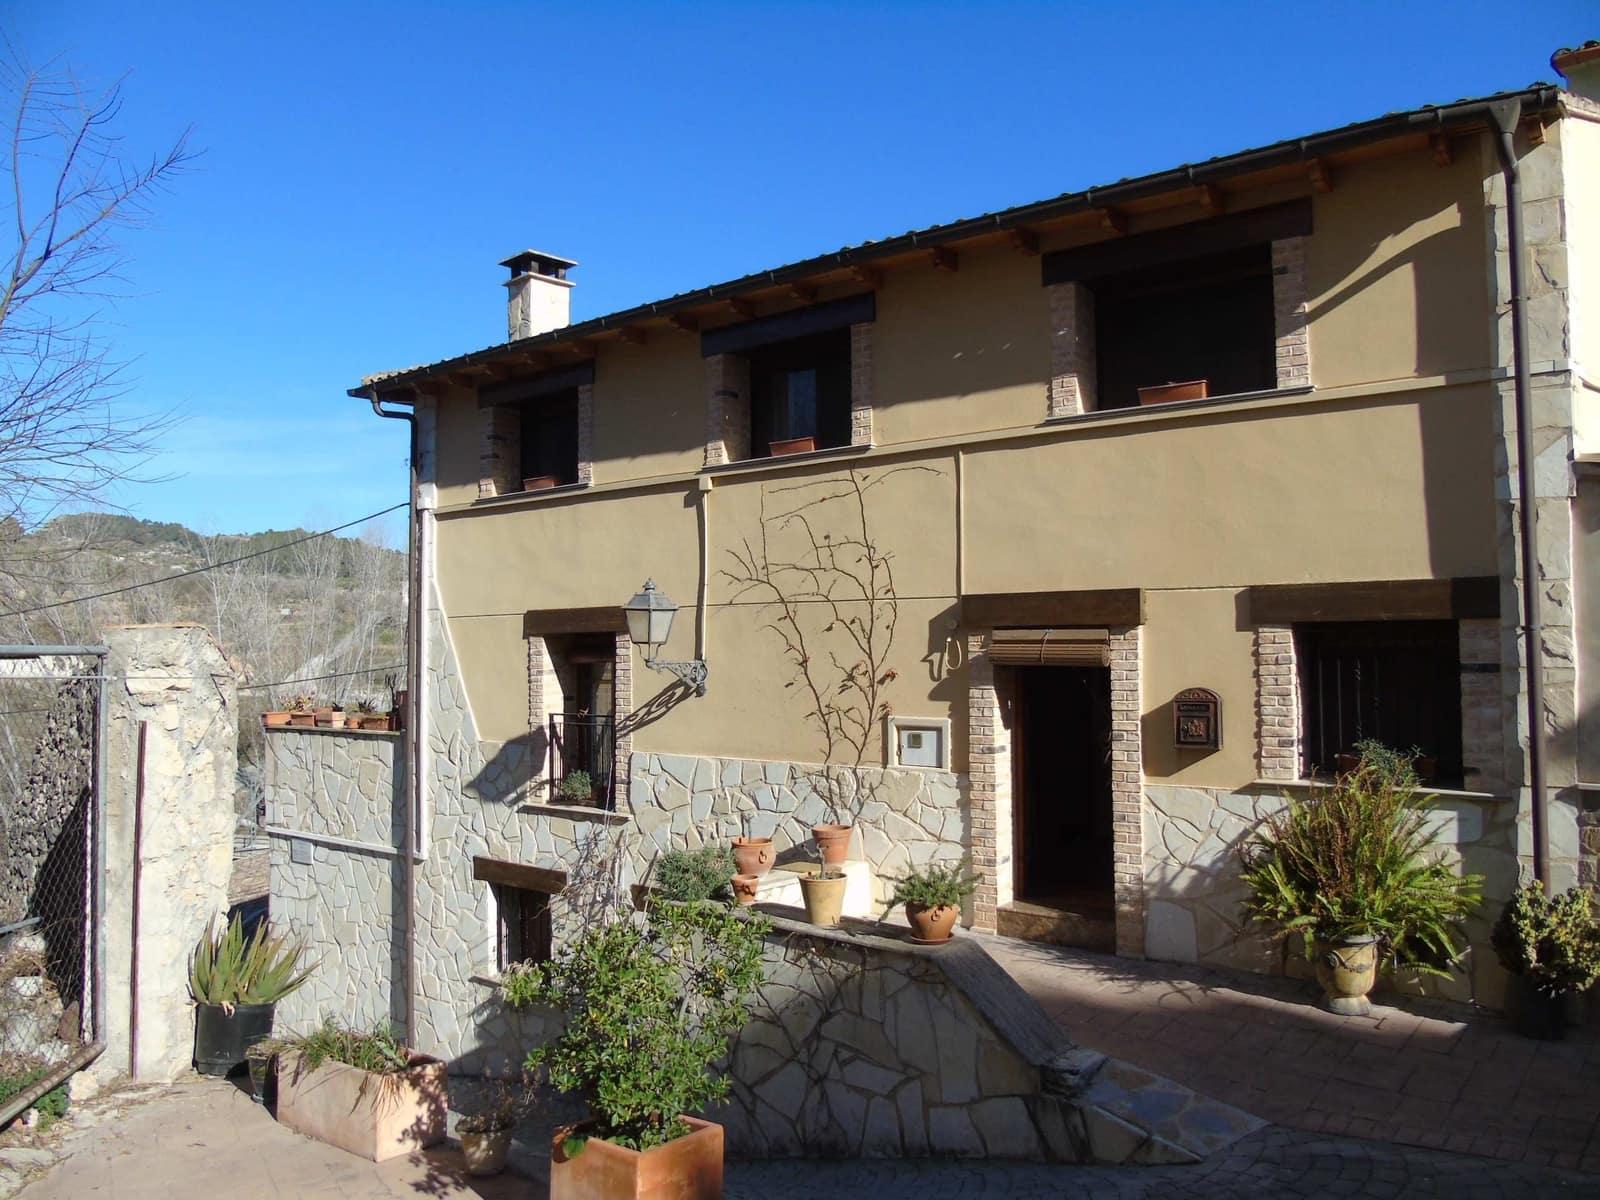 Casa de 4 habitaciones en Planes en venta con garaje - 215.000 € (Ref: 4472731)